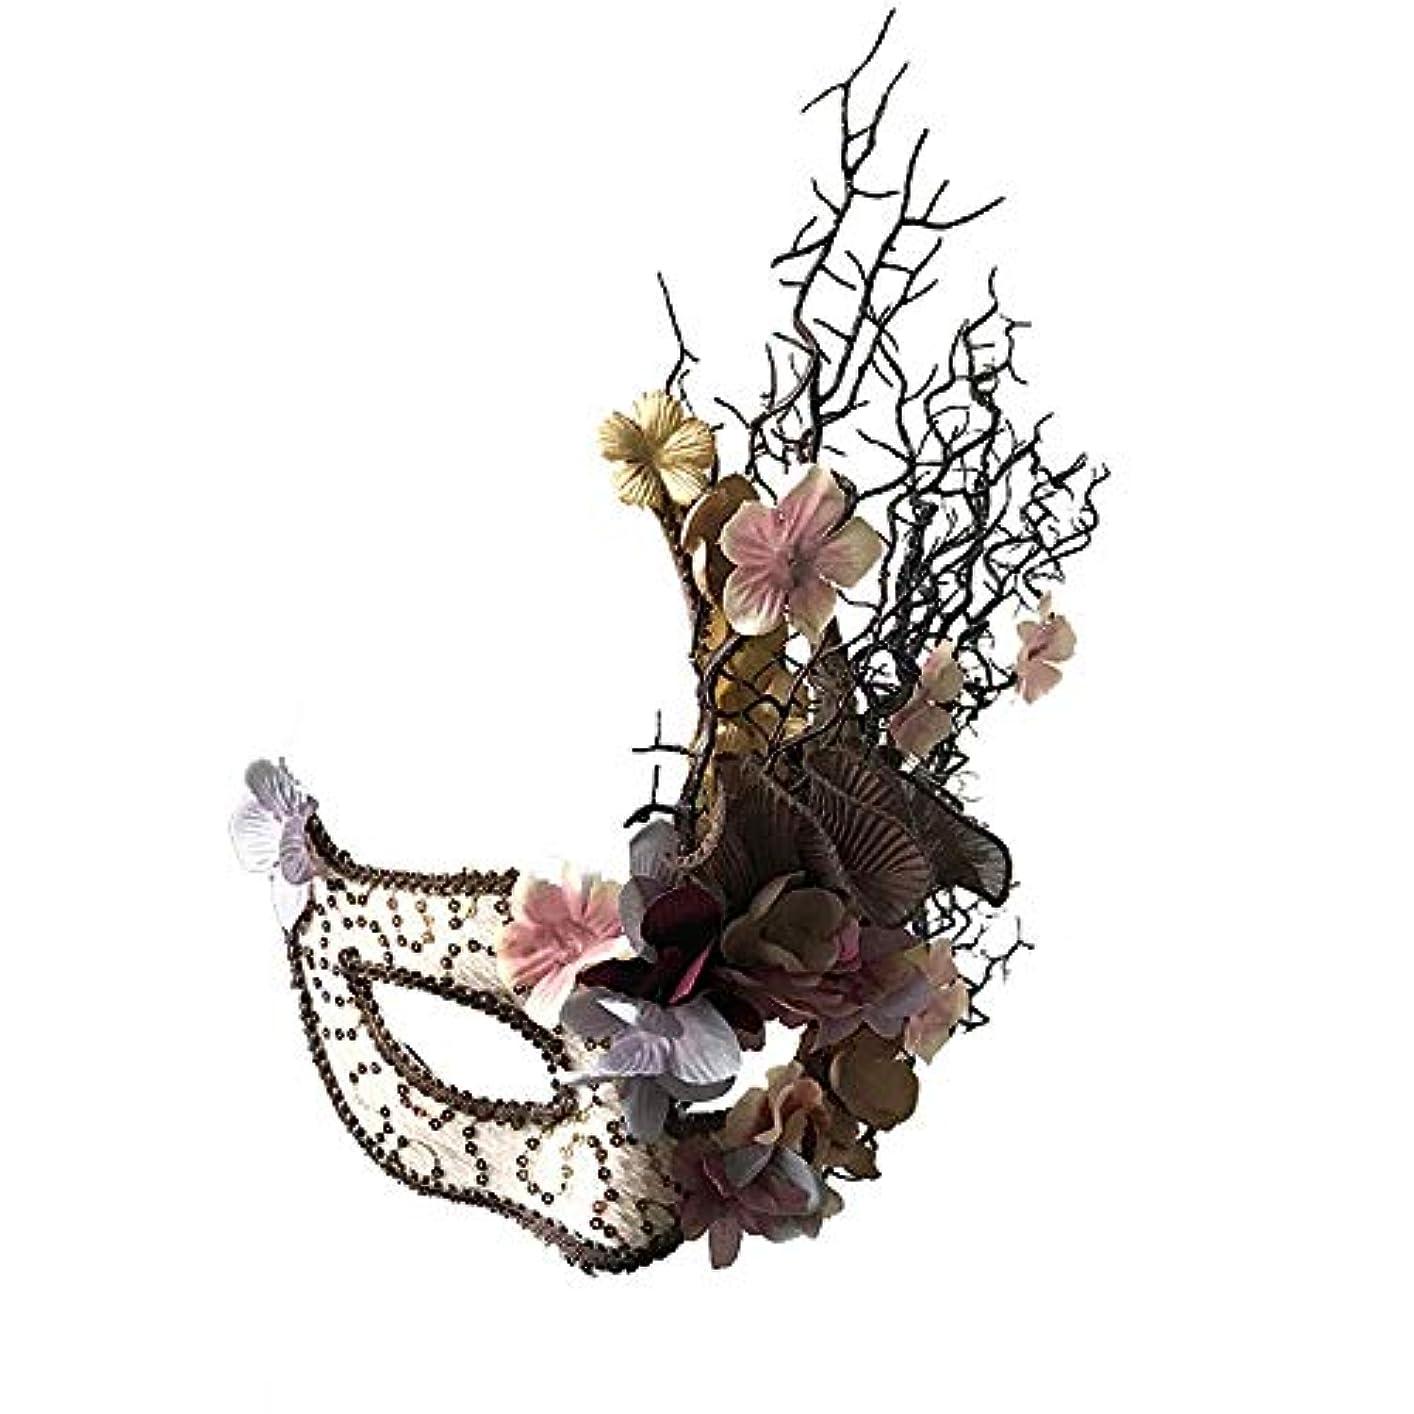 味方一方、謙虚なNanle ハロウィンプラムツリーブランチマスク仮装手持ちのマスクレディミスプリンセス美容祭パーティーデコレーション (色 : Pink hand-held)